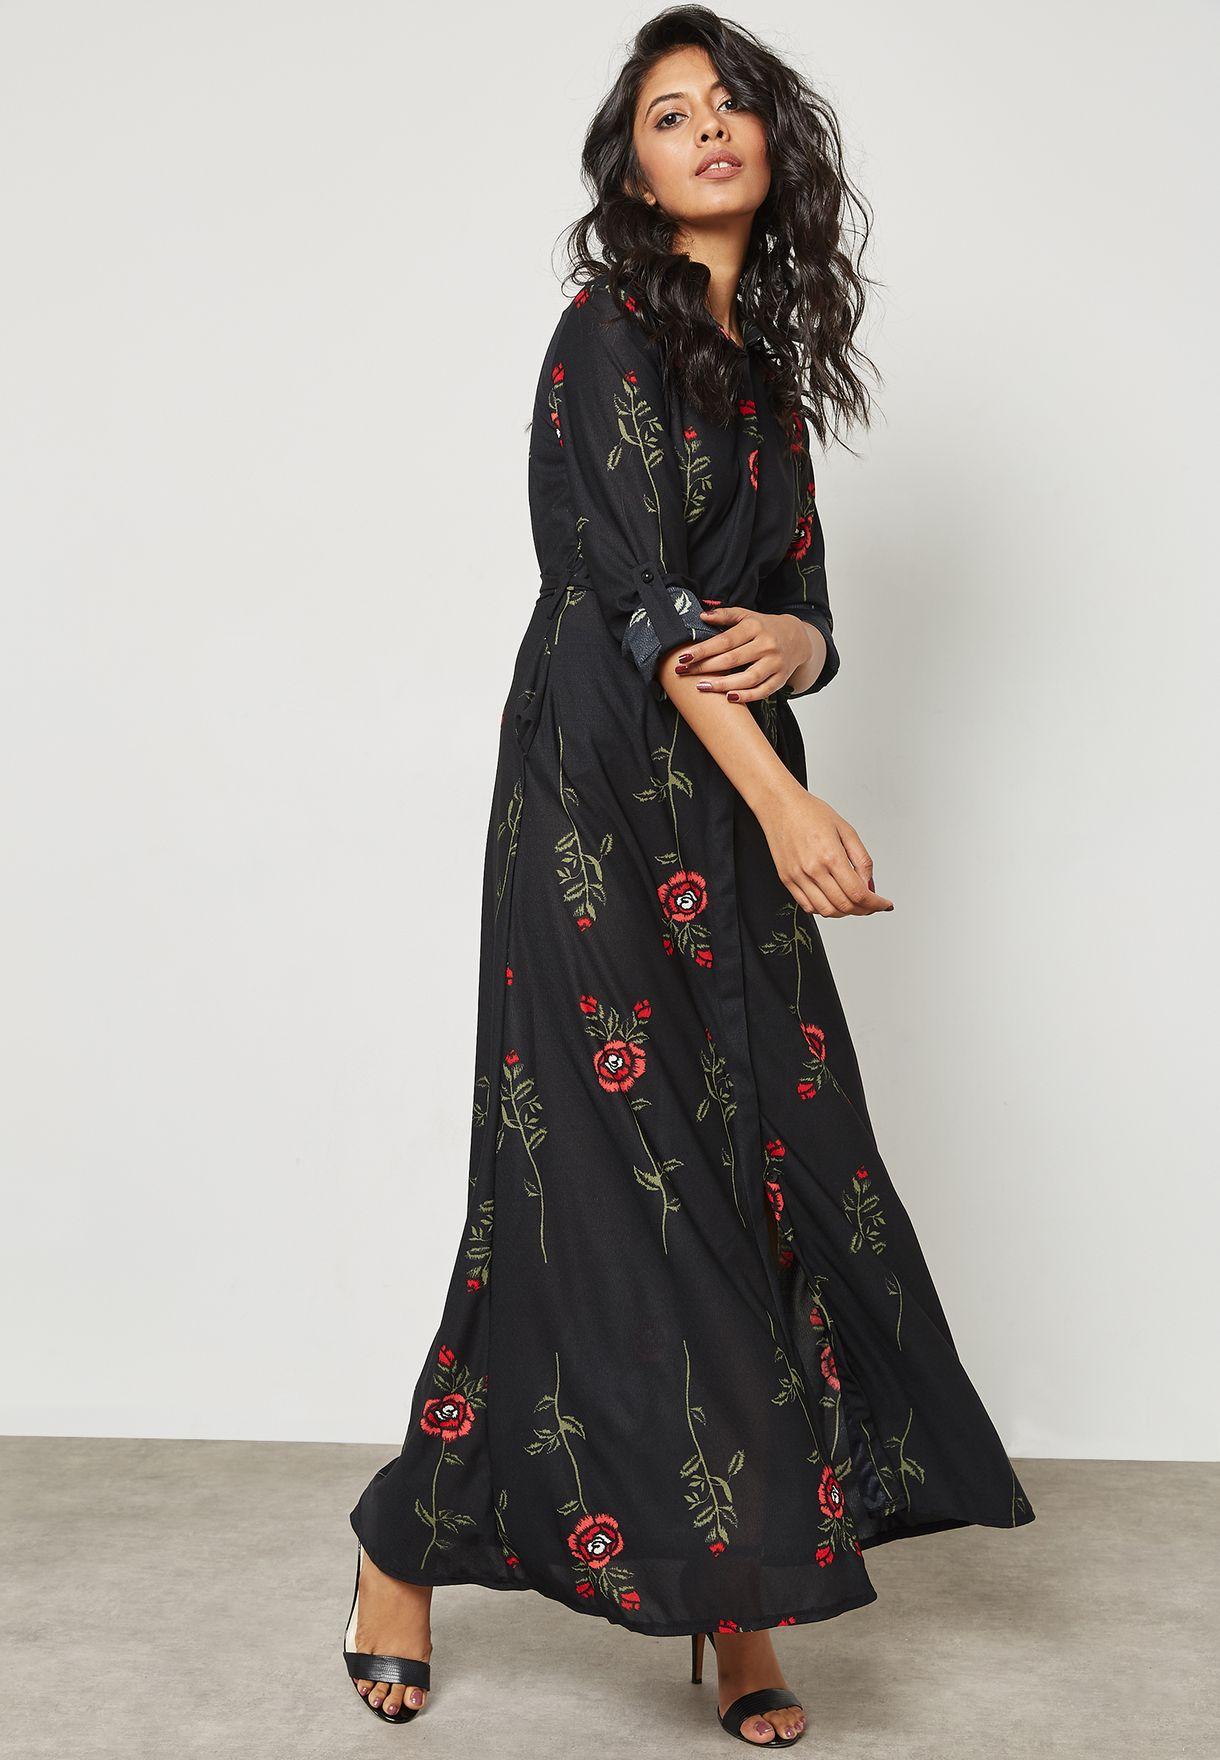 dfe3858d55 Shop Ella prints Floral Print Self Tie Shirt Maxi Dress 270732 for ...